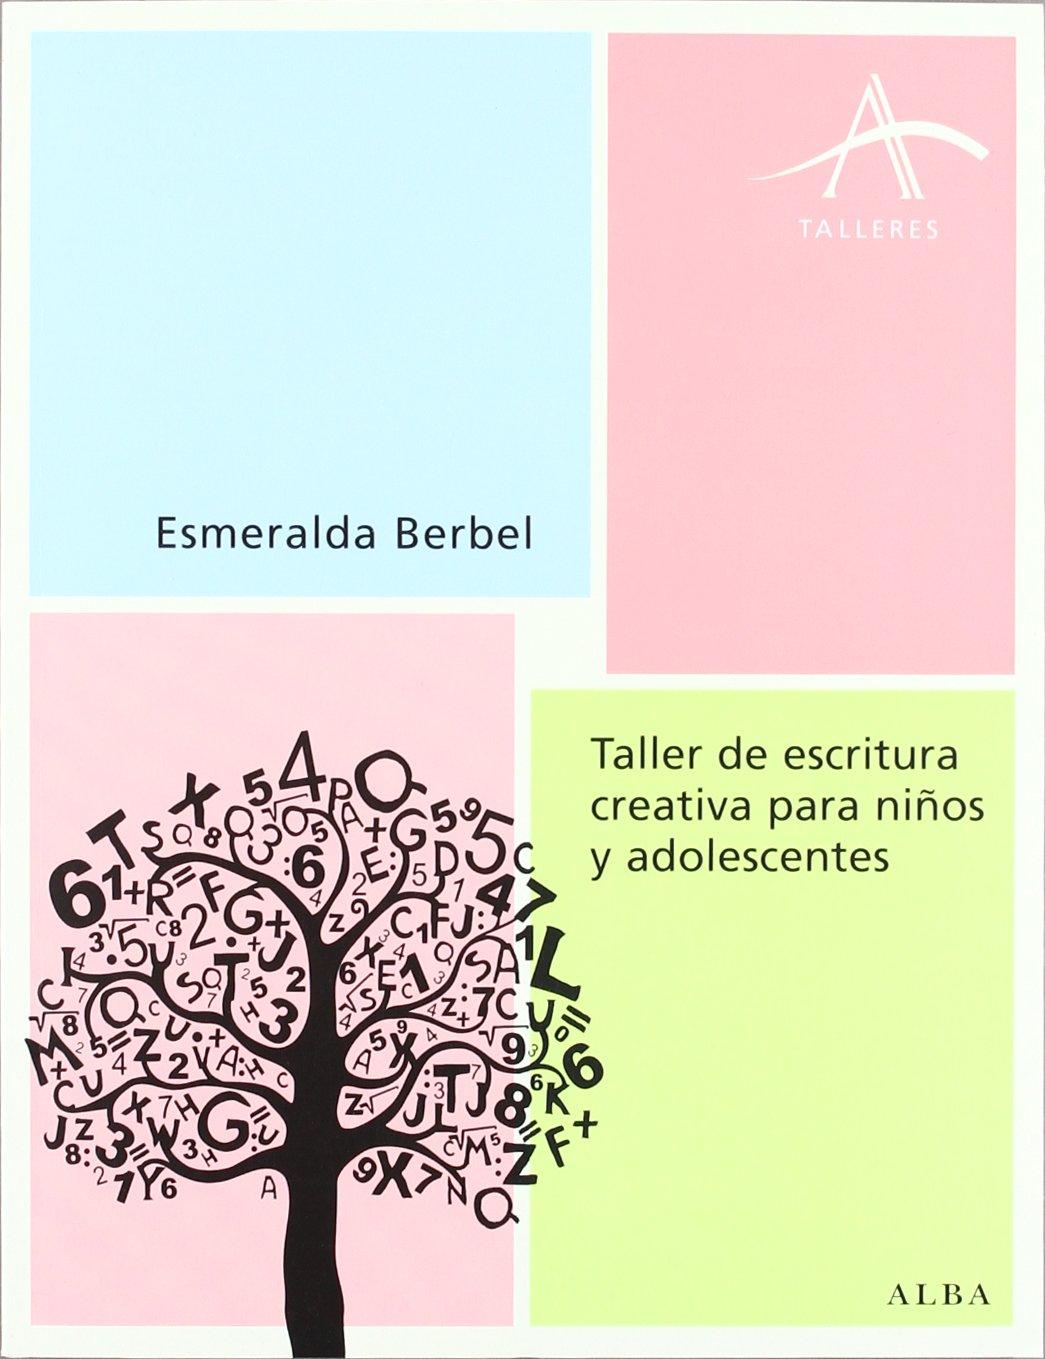 Taller de escritura creativa para niños y adolescentes (Talleres) Tapa blanda – 12 abr 2012 Esmeralda Berbel Alba Editorial 8484287157 Innenarchitektur / Design